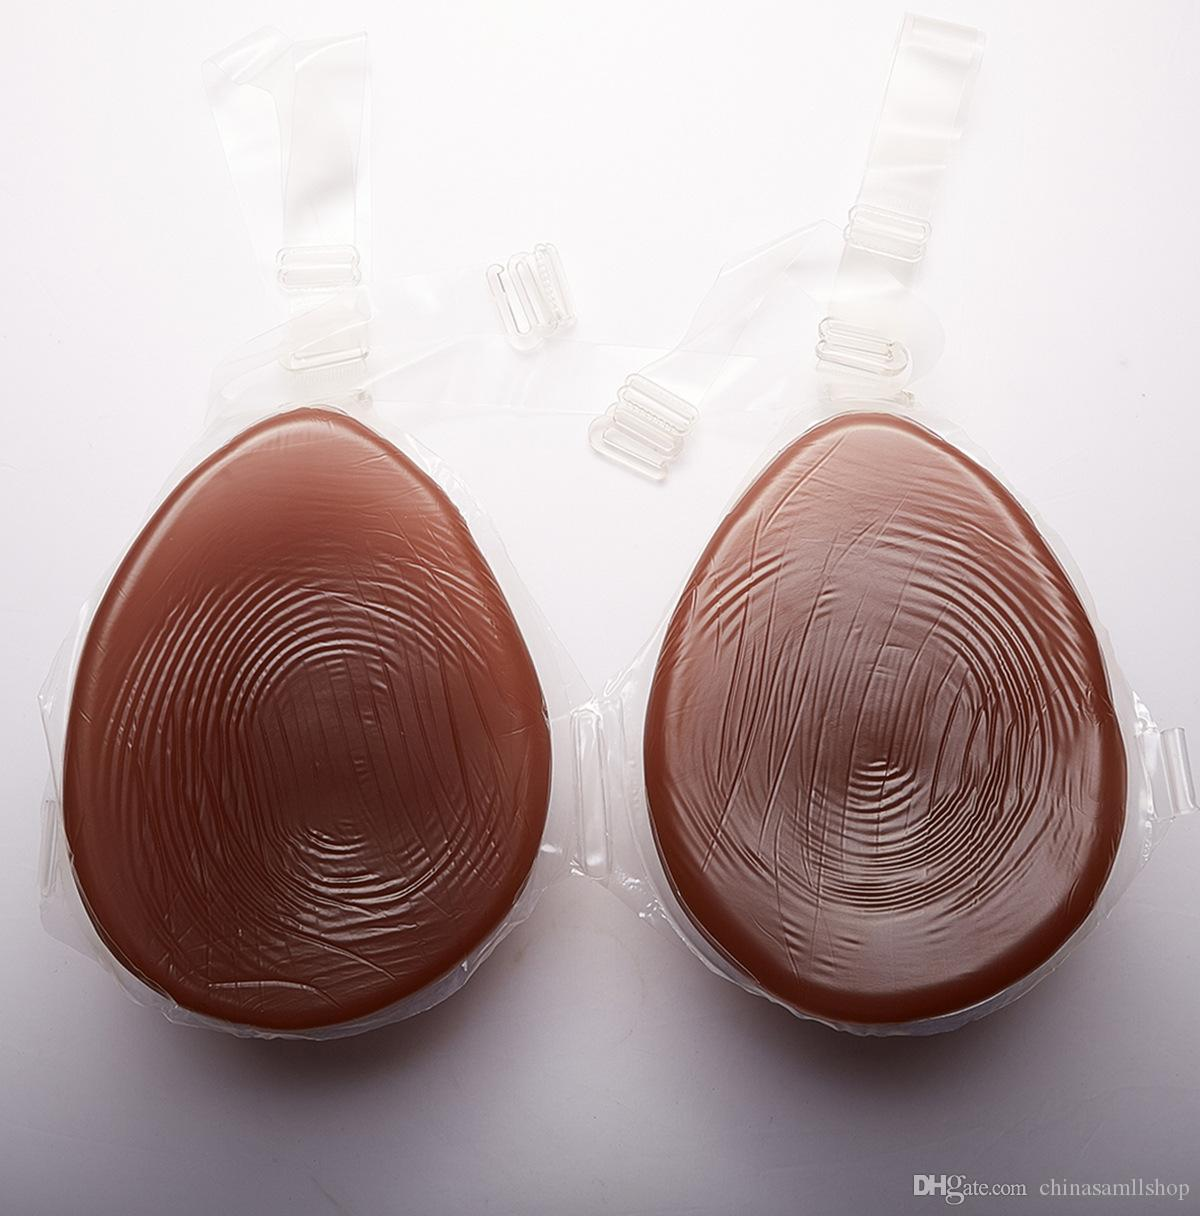 Café artificial Silicona Pechos realistas Formas con correa Oscuro Fake tetas Tits faux seins pechos silicona vagina para crossdresser